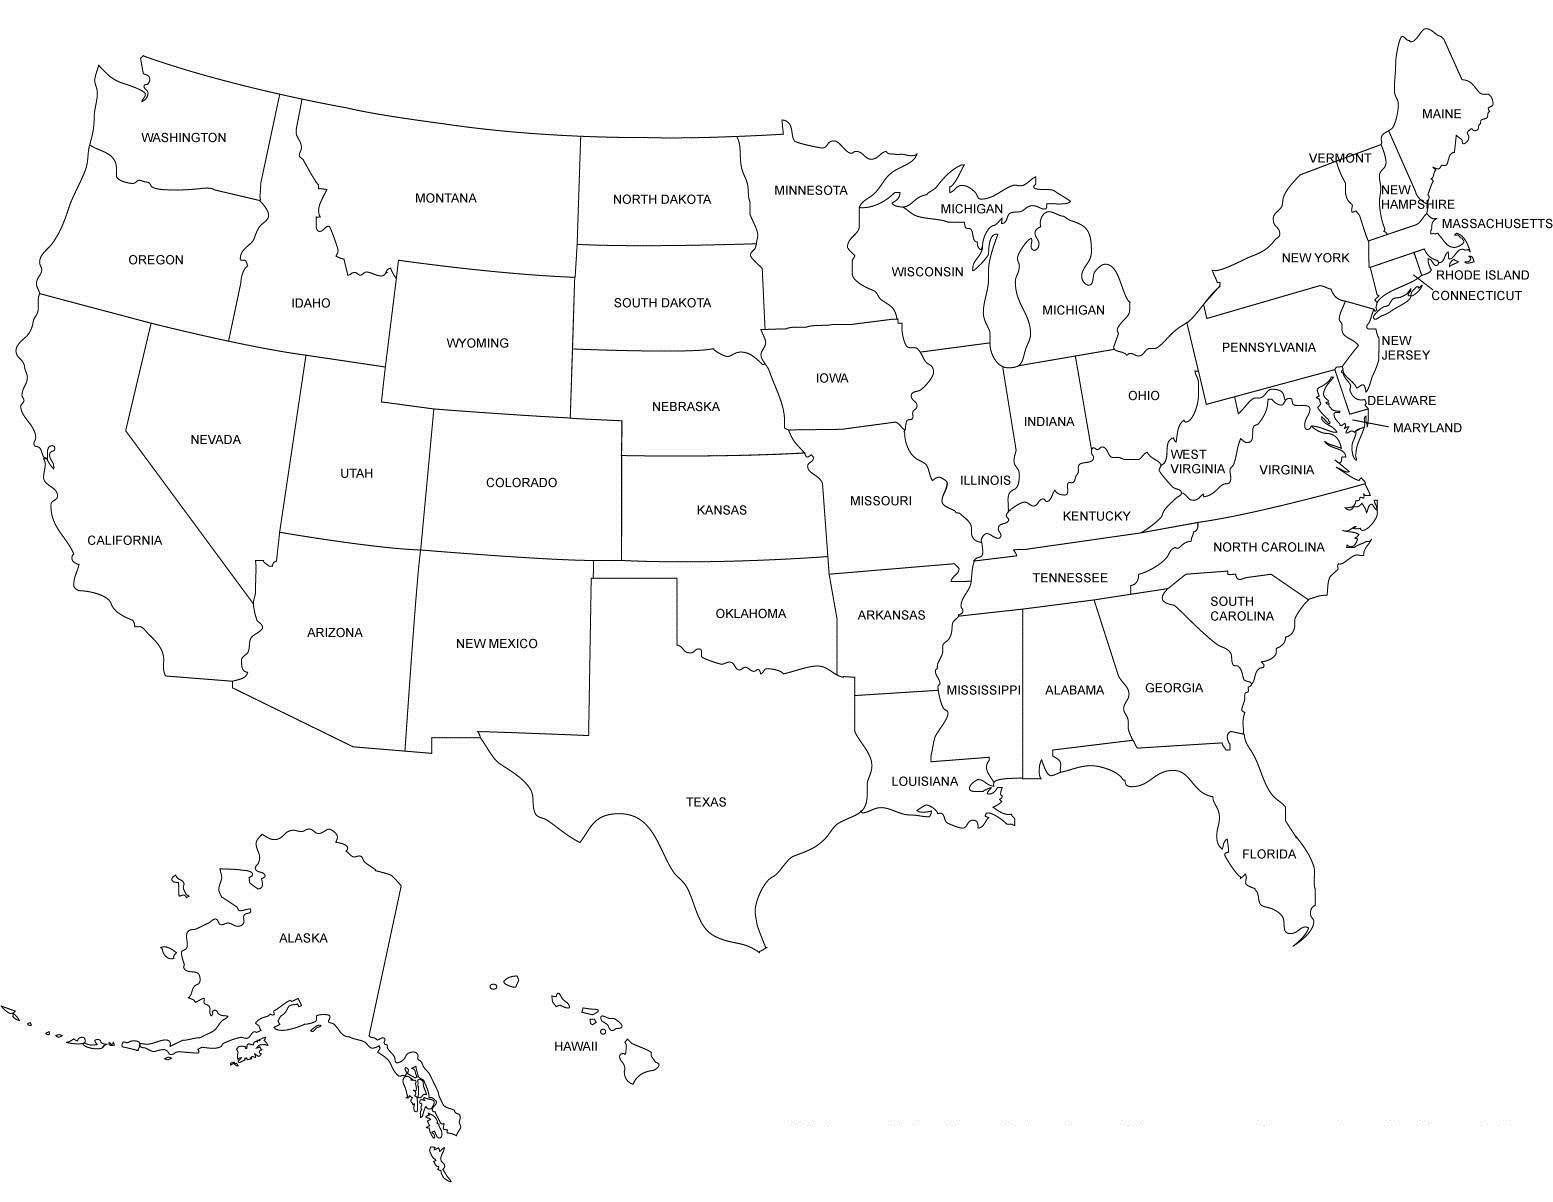 schwarze und wei e karte der usa landkarte von vereinigte staaten schwarz und wei nord. Black Bedroom Furniture Sets. Home Design Ideas